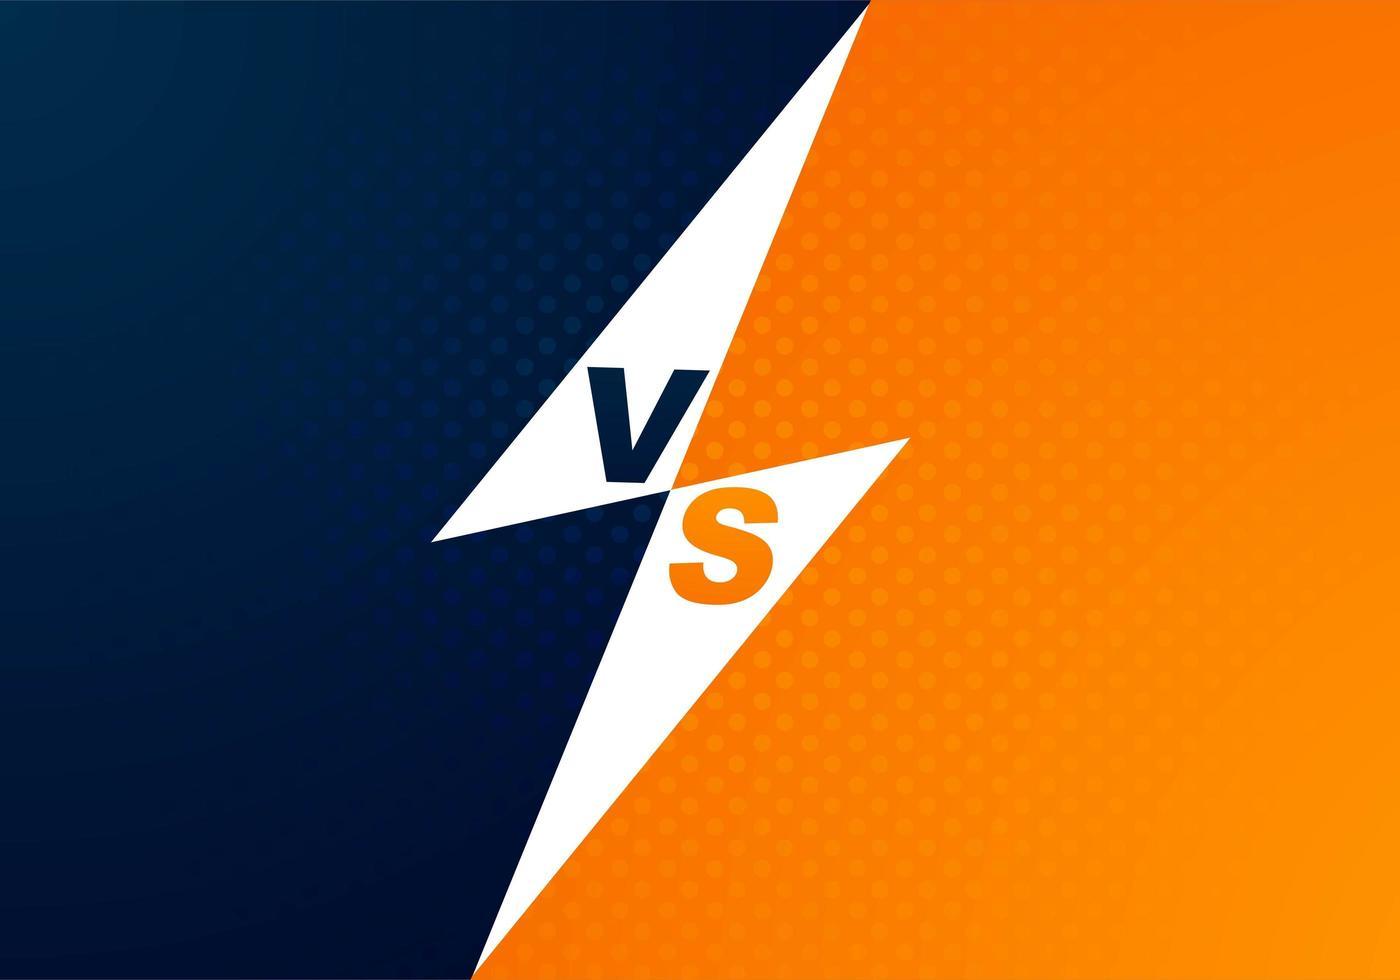 versus Bildschirm blau und orange Hintergrund vektor